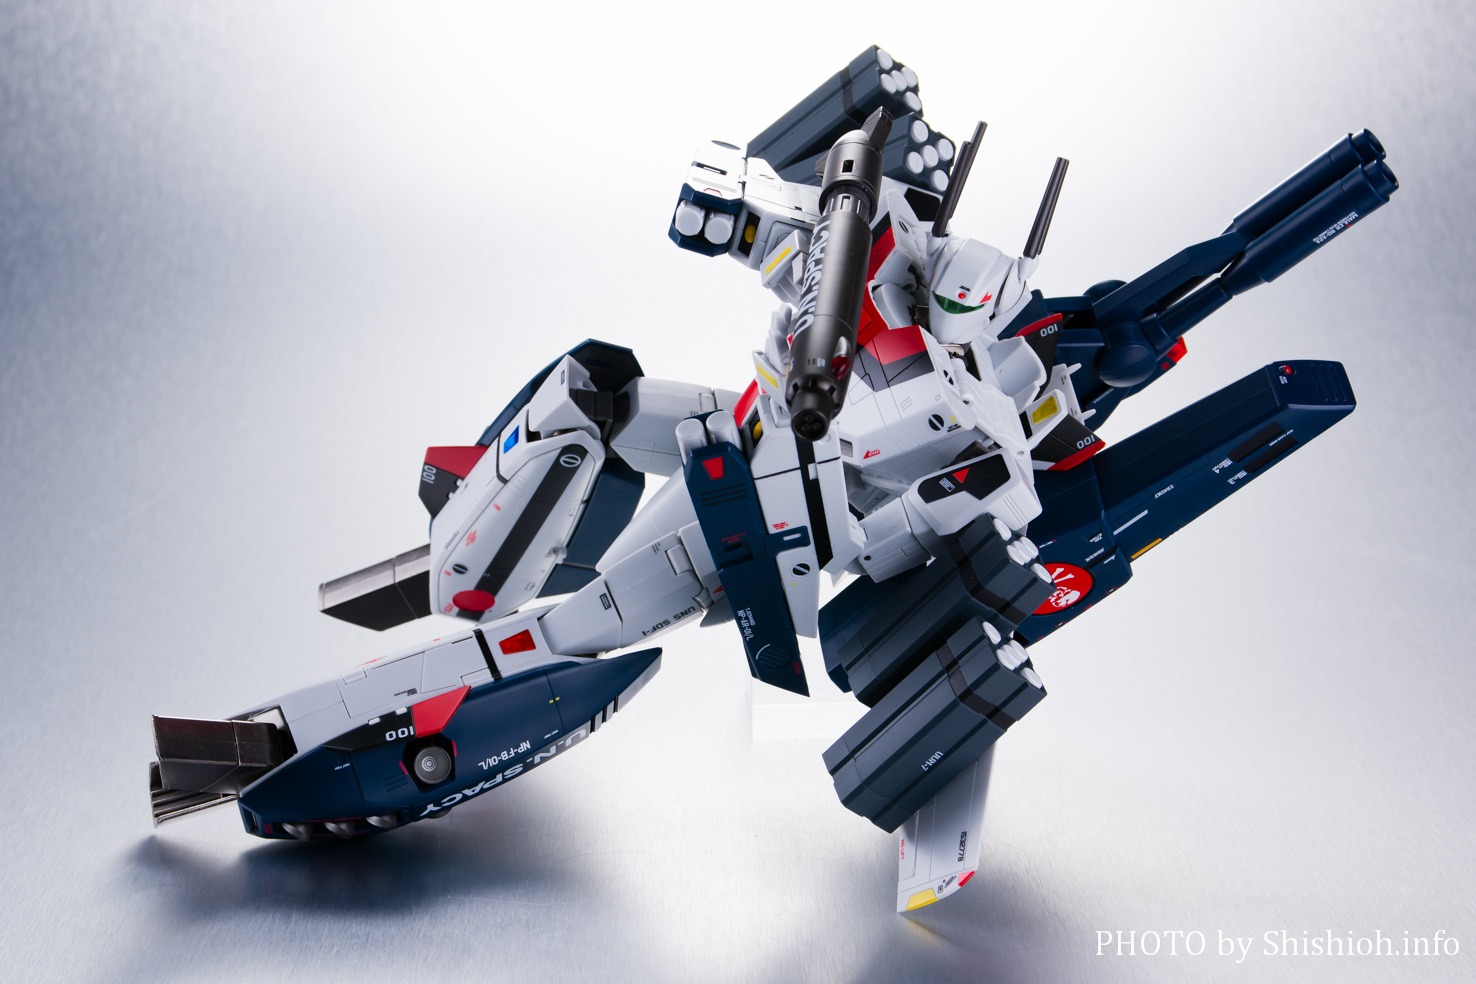 DX超合金 劇場版VF-1対応ストライク/スーパーパーツセット パート2